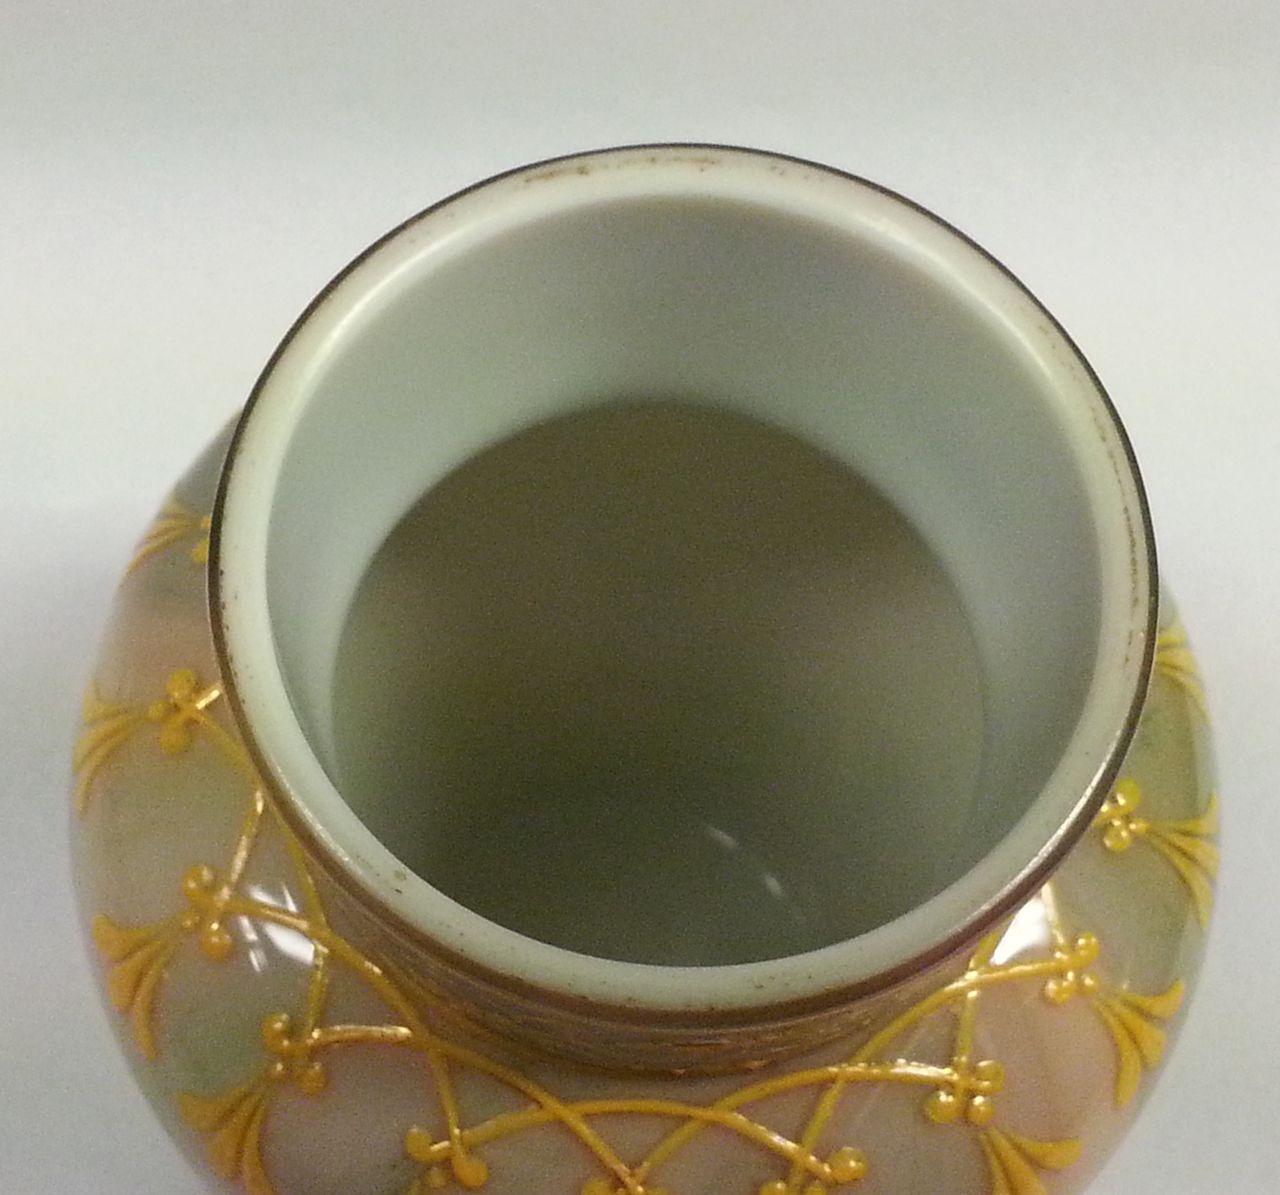 Loetz marmoriertes enameled rainbow glass vase sold glass art loetz marmoriertes enameled rainbow glass vase sold reviewsmspy